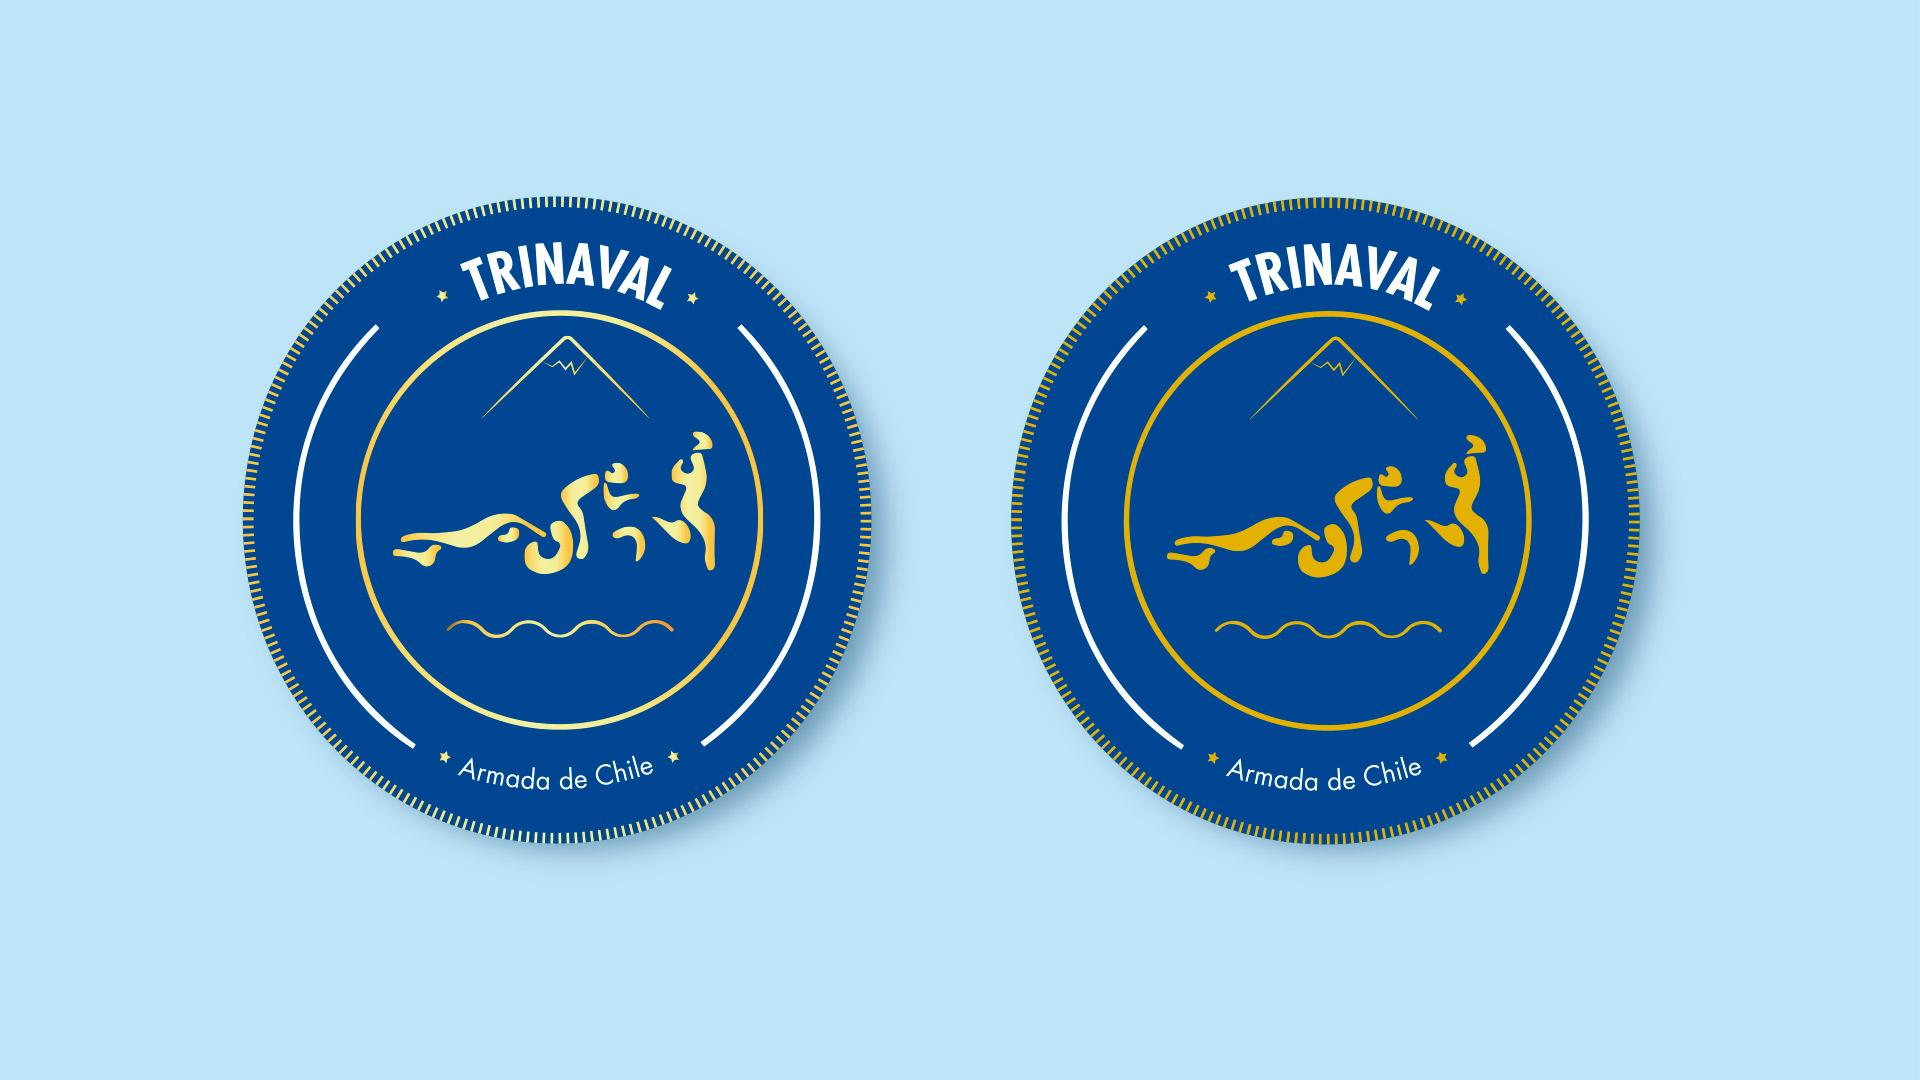 proyecto-trinaval-armada-de-chile